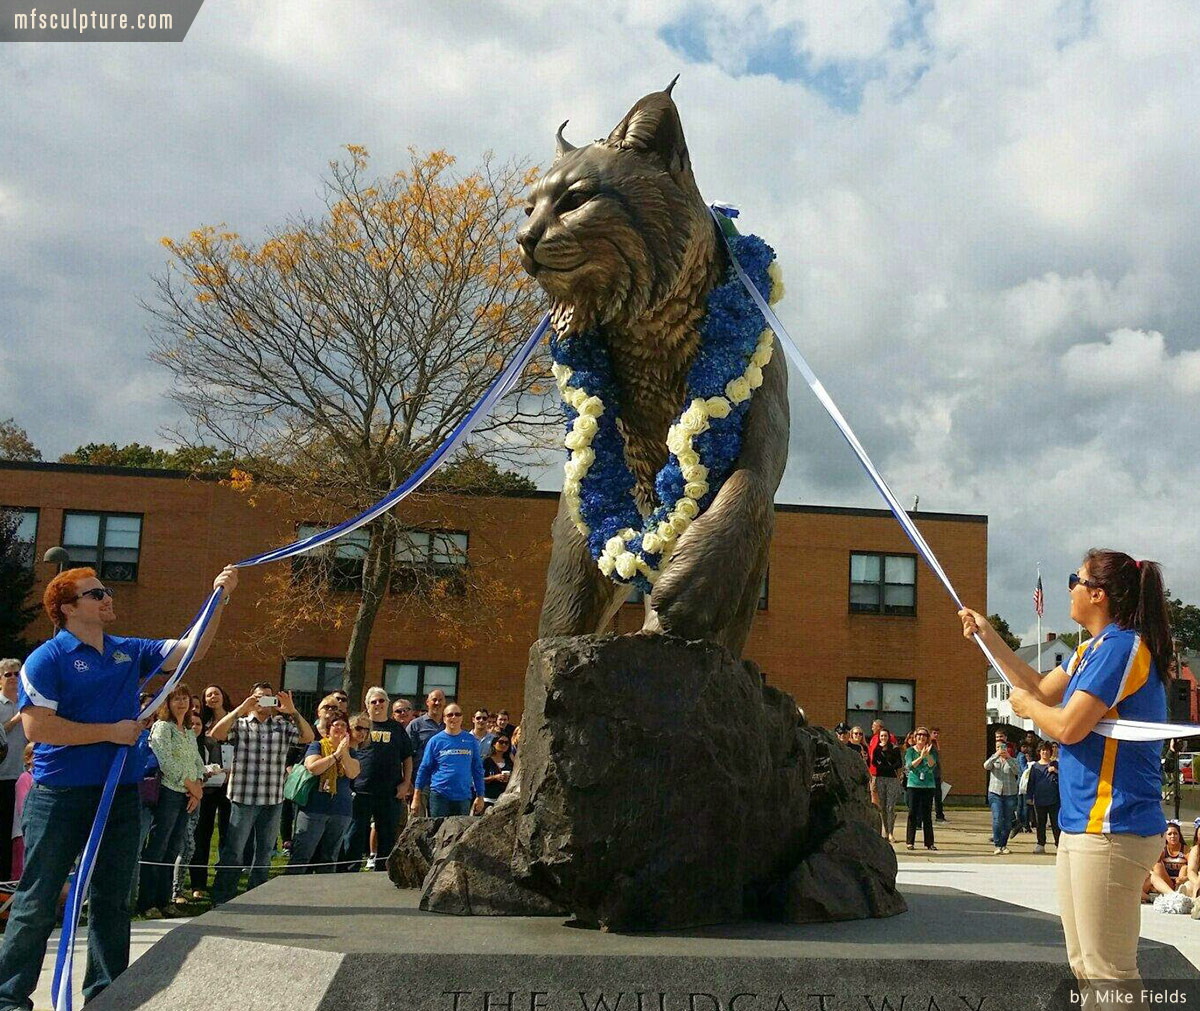 University Wildcat Sculpture Mascot Stadium Public Art 3